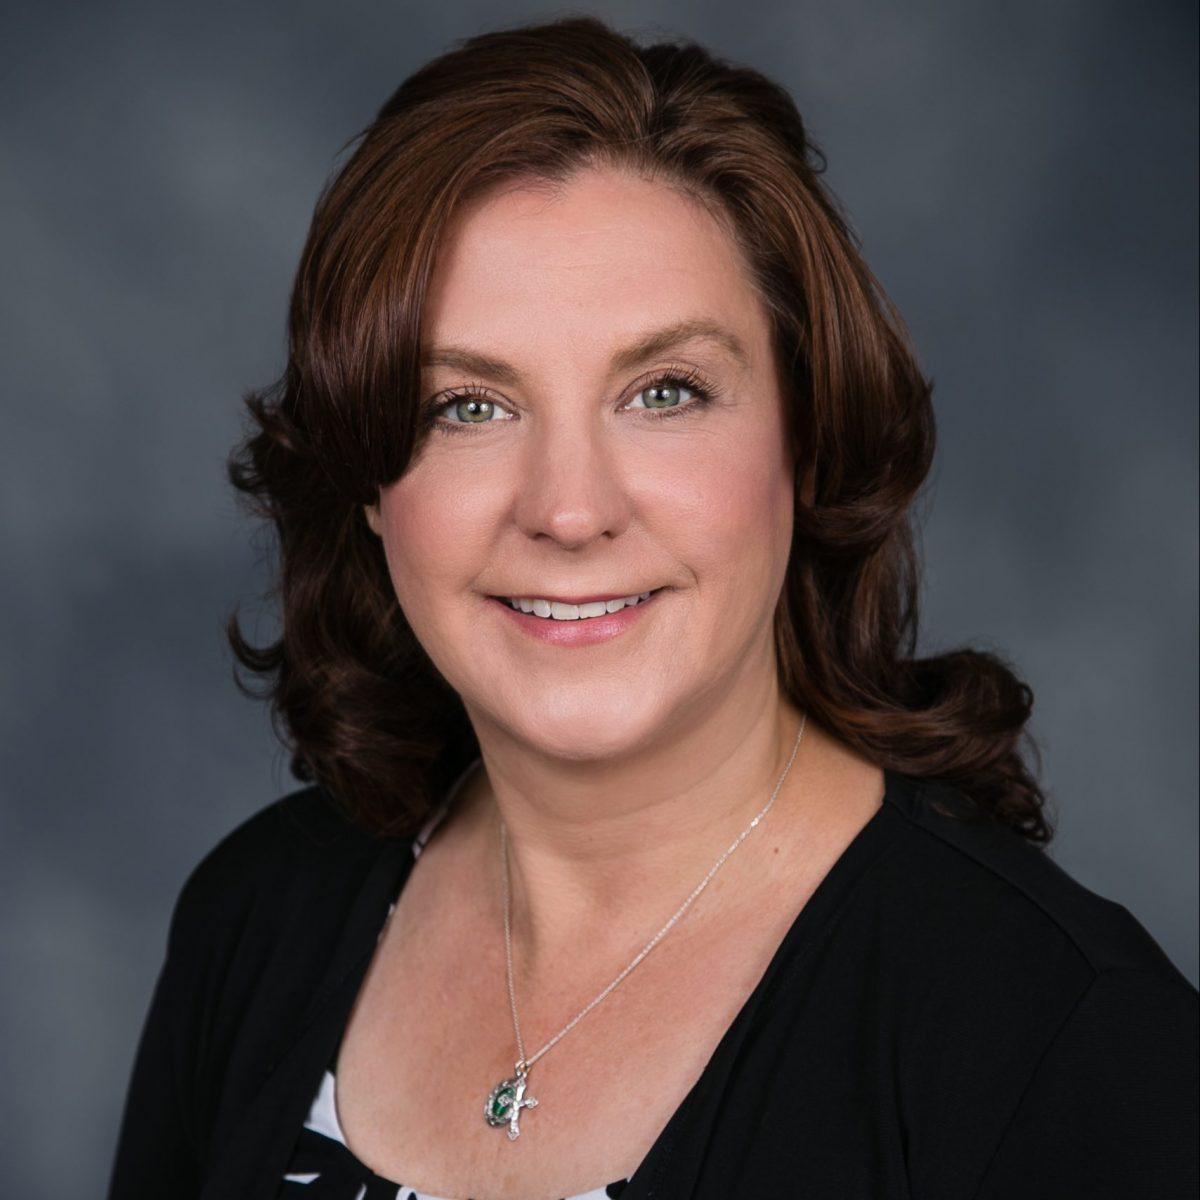 Gayle Rhinehart